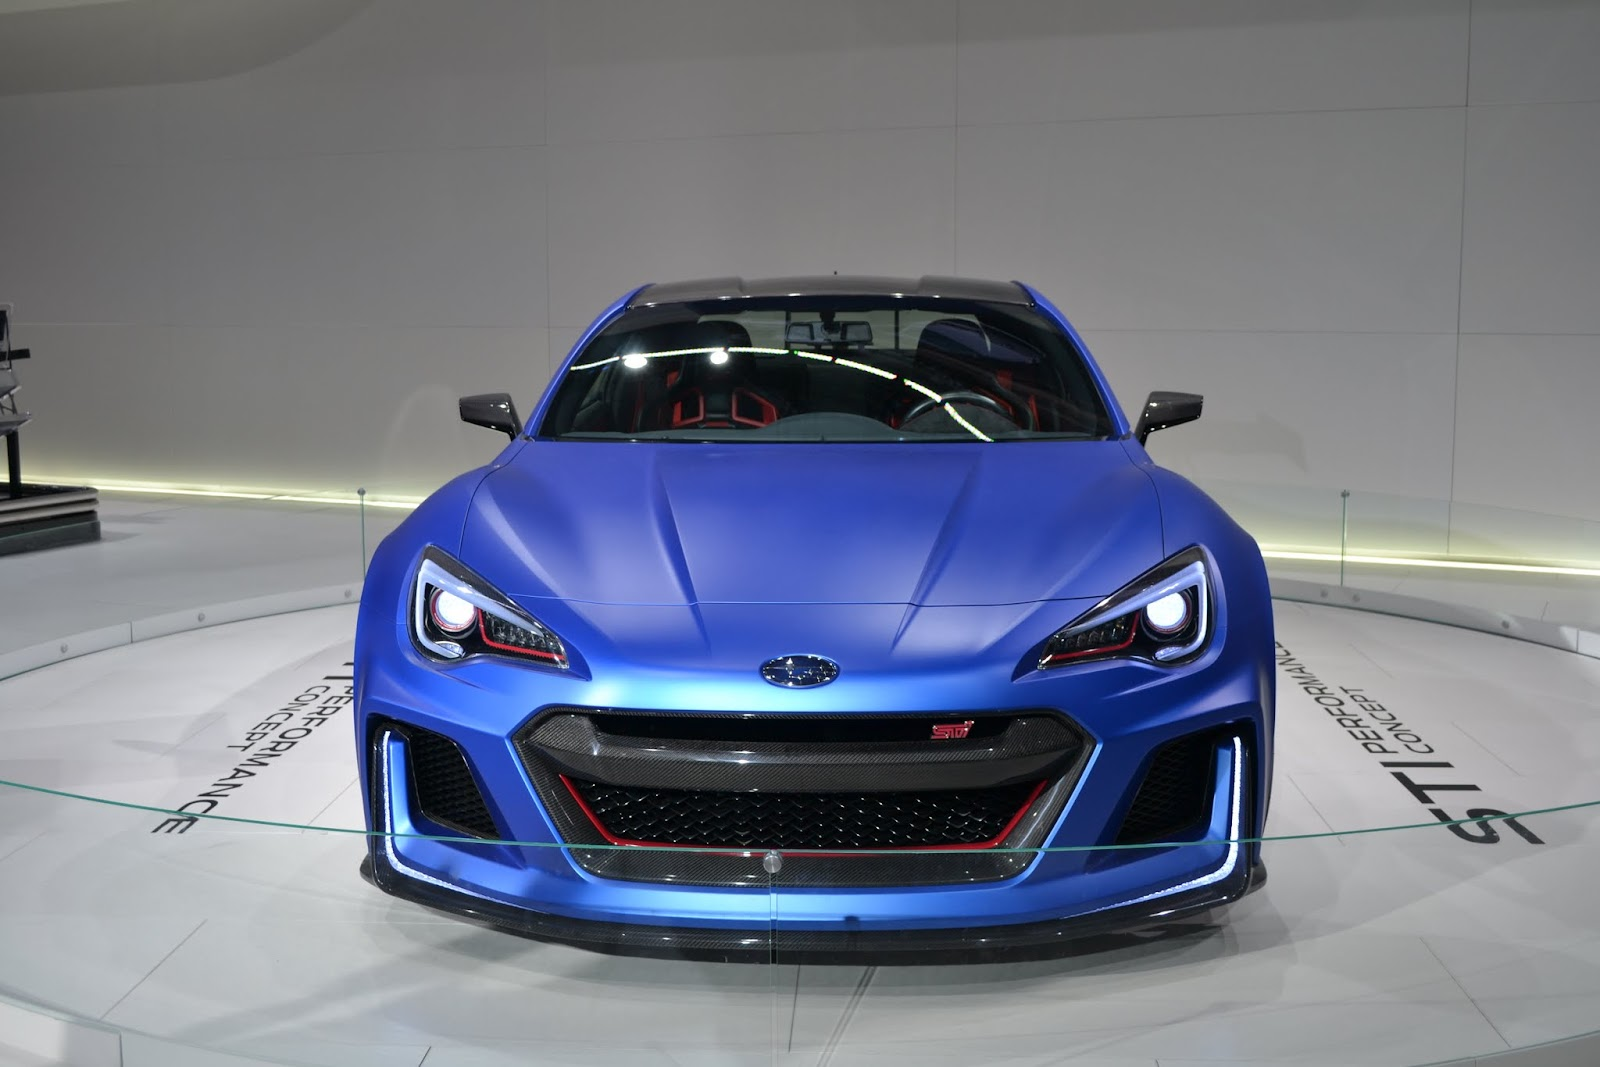 Концепт Subaru STI. Ежегодное автошоу в Нью-Йорке - 2015 (New York International Auto Show - 2015)